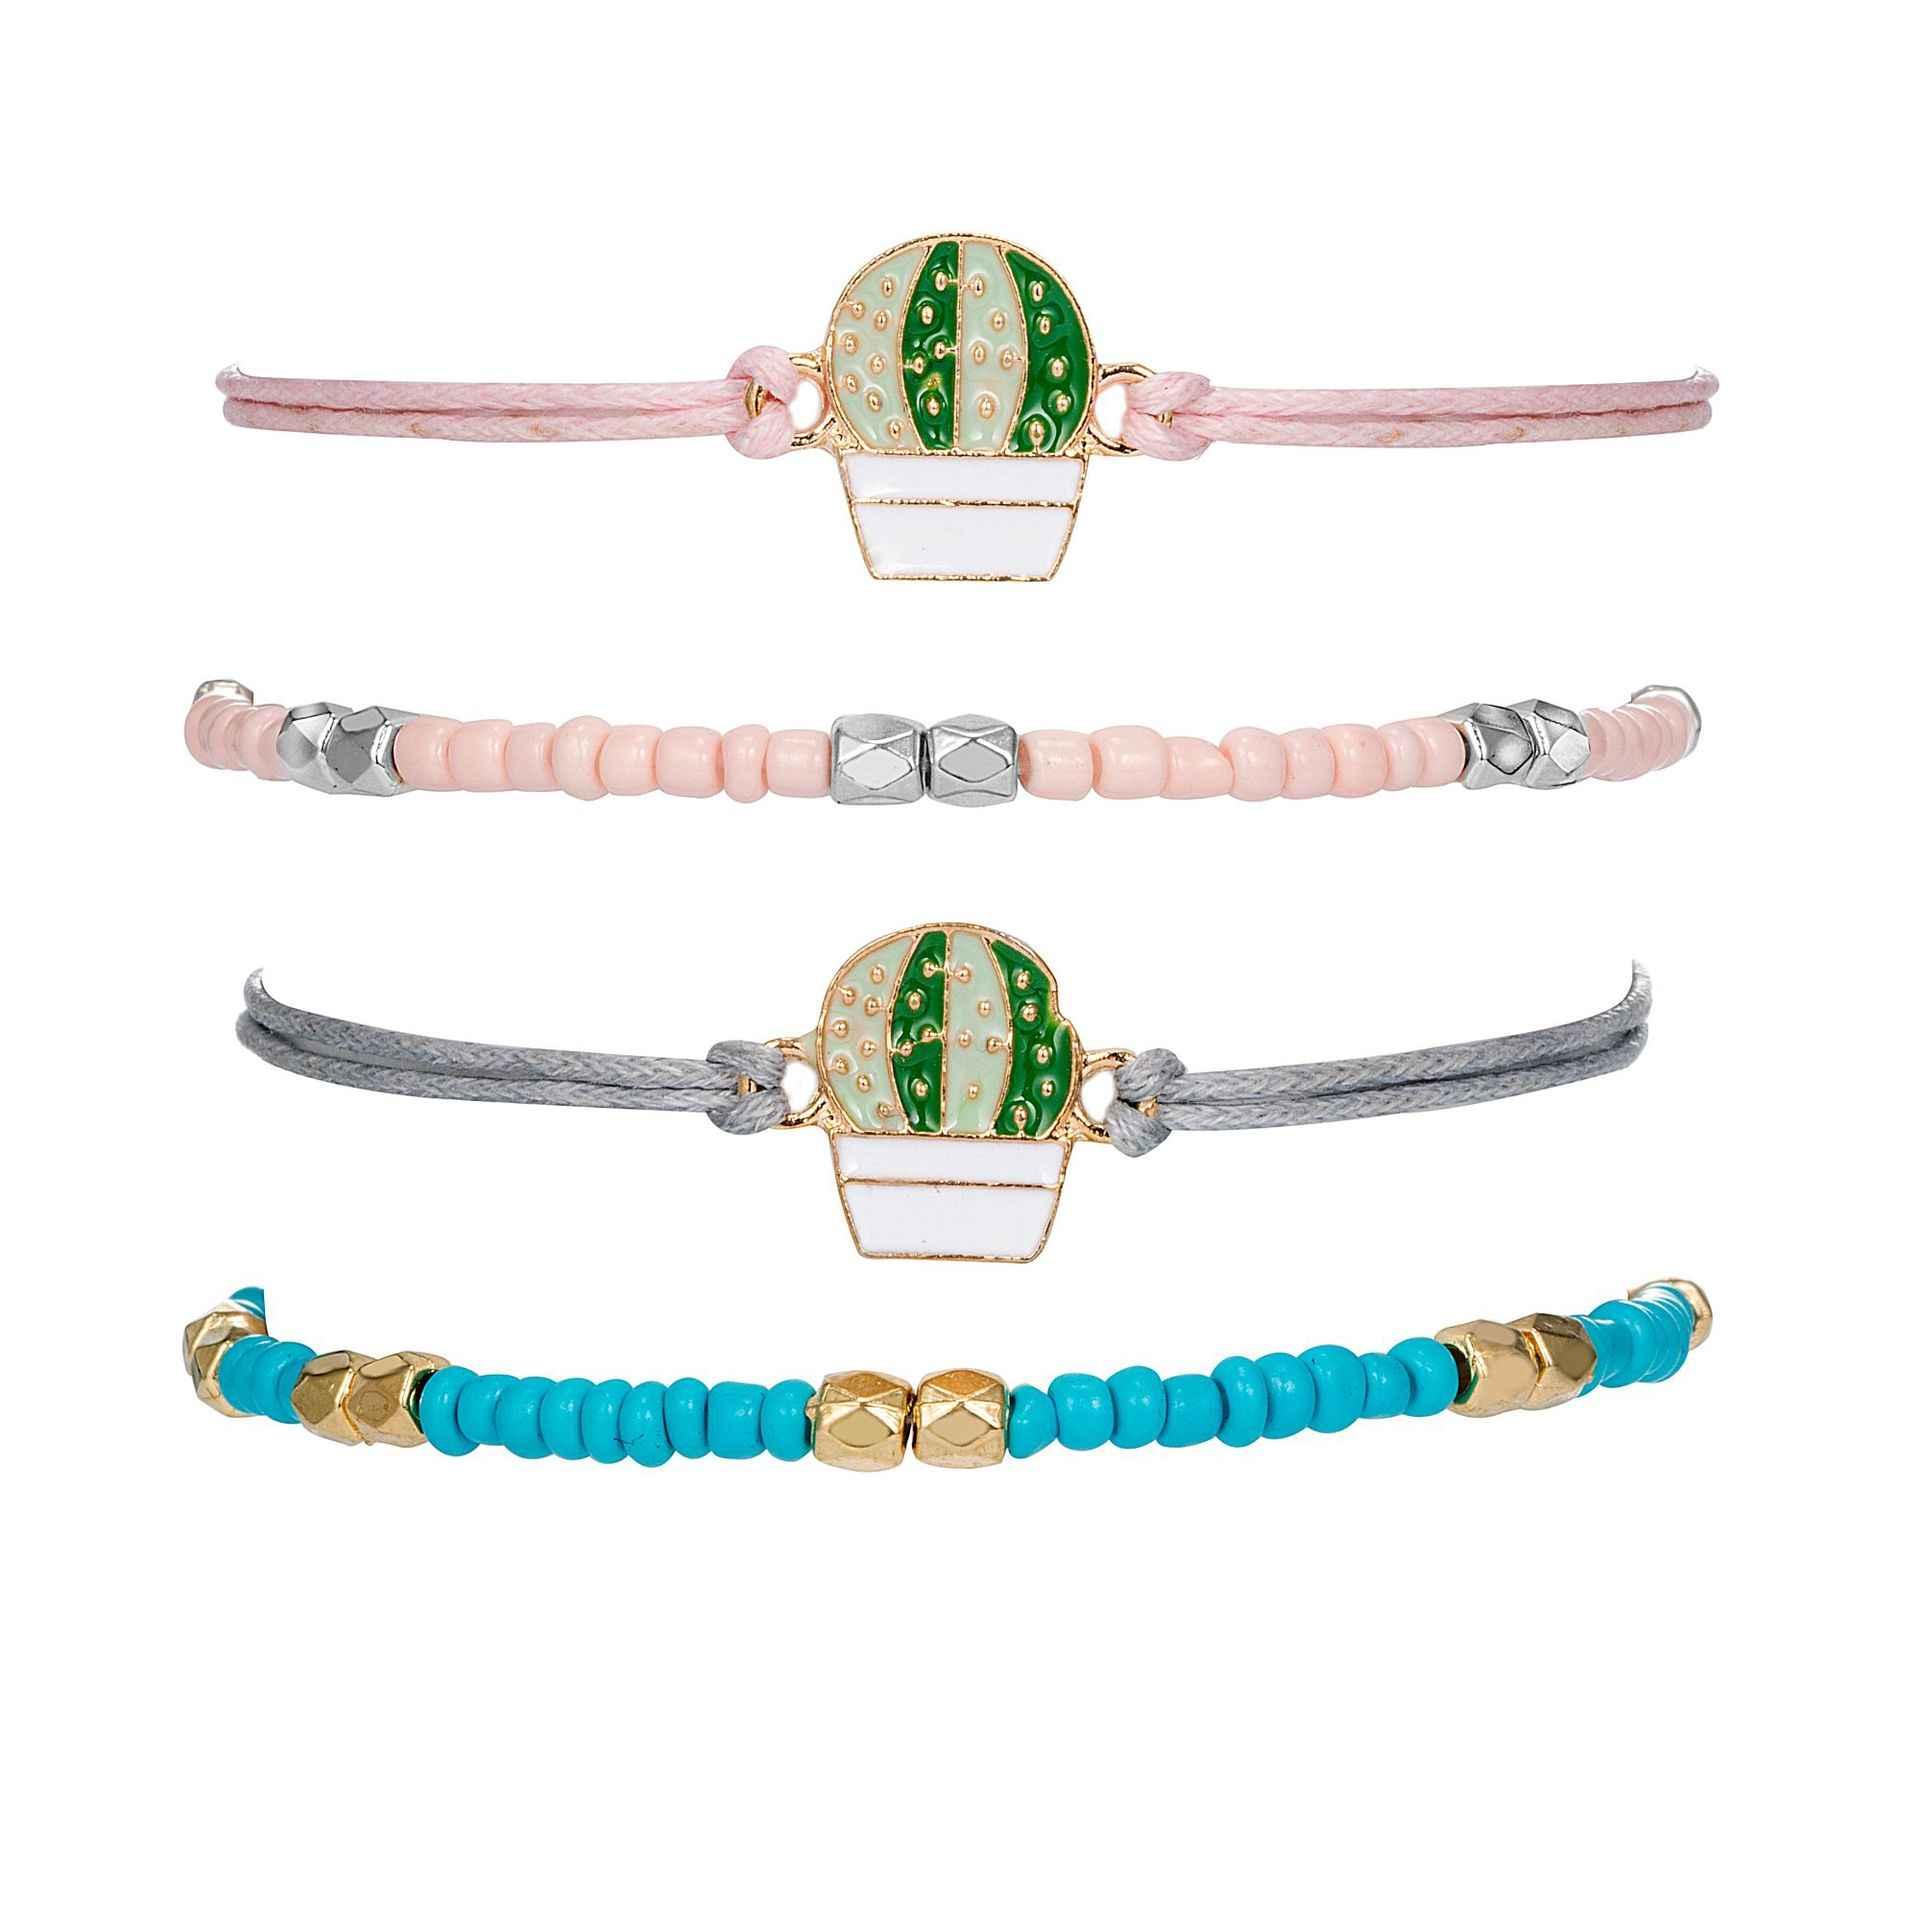 4 sztuk/zestaw 2019 lato nowy świeży różowy niebieski bransoletka z paciorkami Vintage Boho opuncja Cactus Charm bransoletki z rzemykami bransoletki dla Wome